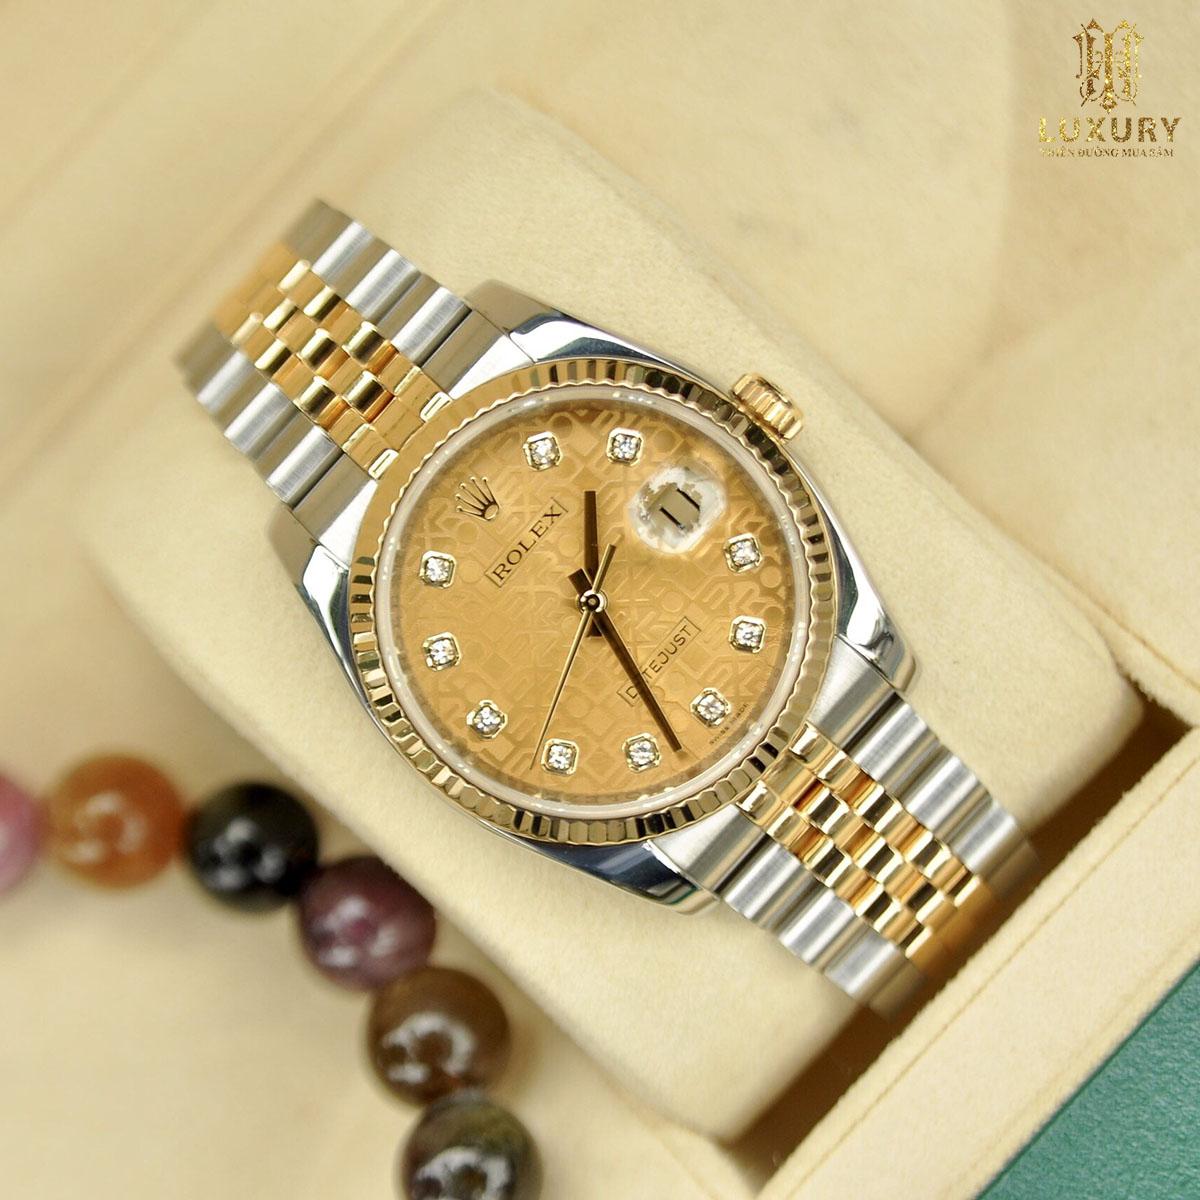 10 chiếc đồng hồ Rolex cũ đáng lựa chọn nhất 2021 Dong-ho-rolex-116233-datejust-oyster-perpetual-demi-vang-duc-18k-1